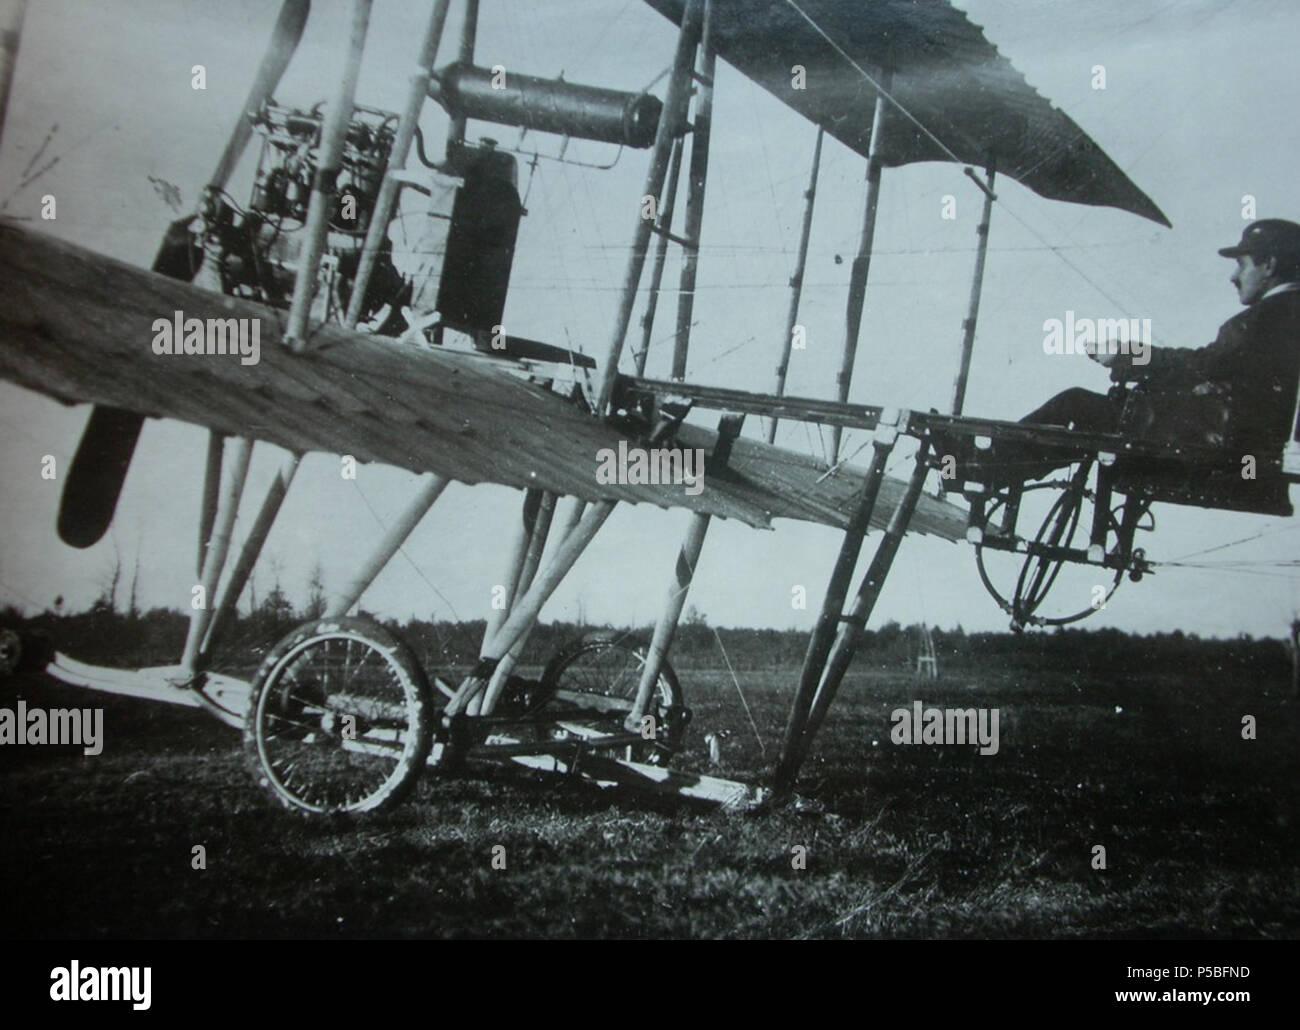 Italiano: Caproni, biplano, 1911 . Italiano: Collaudo di uno dei primi biplani modello 300 HP da parte di Gianni Caproni, 1911 (Archivio famiglia Caproni Roma) . 1911. N/A 269 Caproni, biplano, 1911 - san dl SAN IMG-00001381 Stock Photo